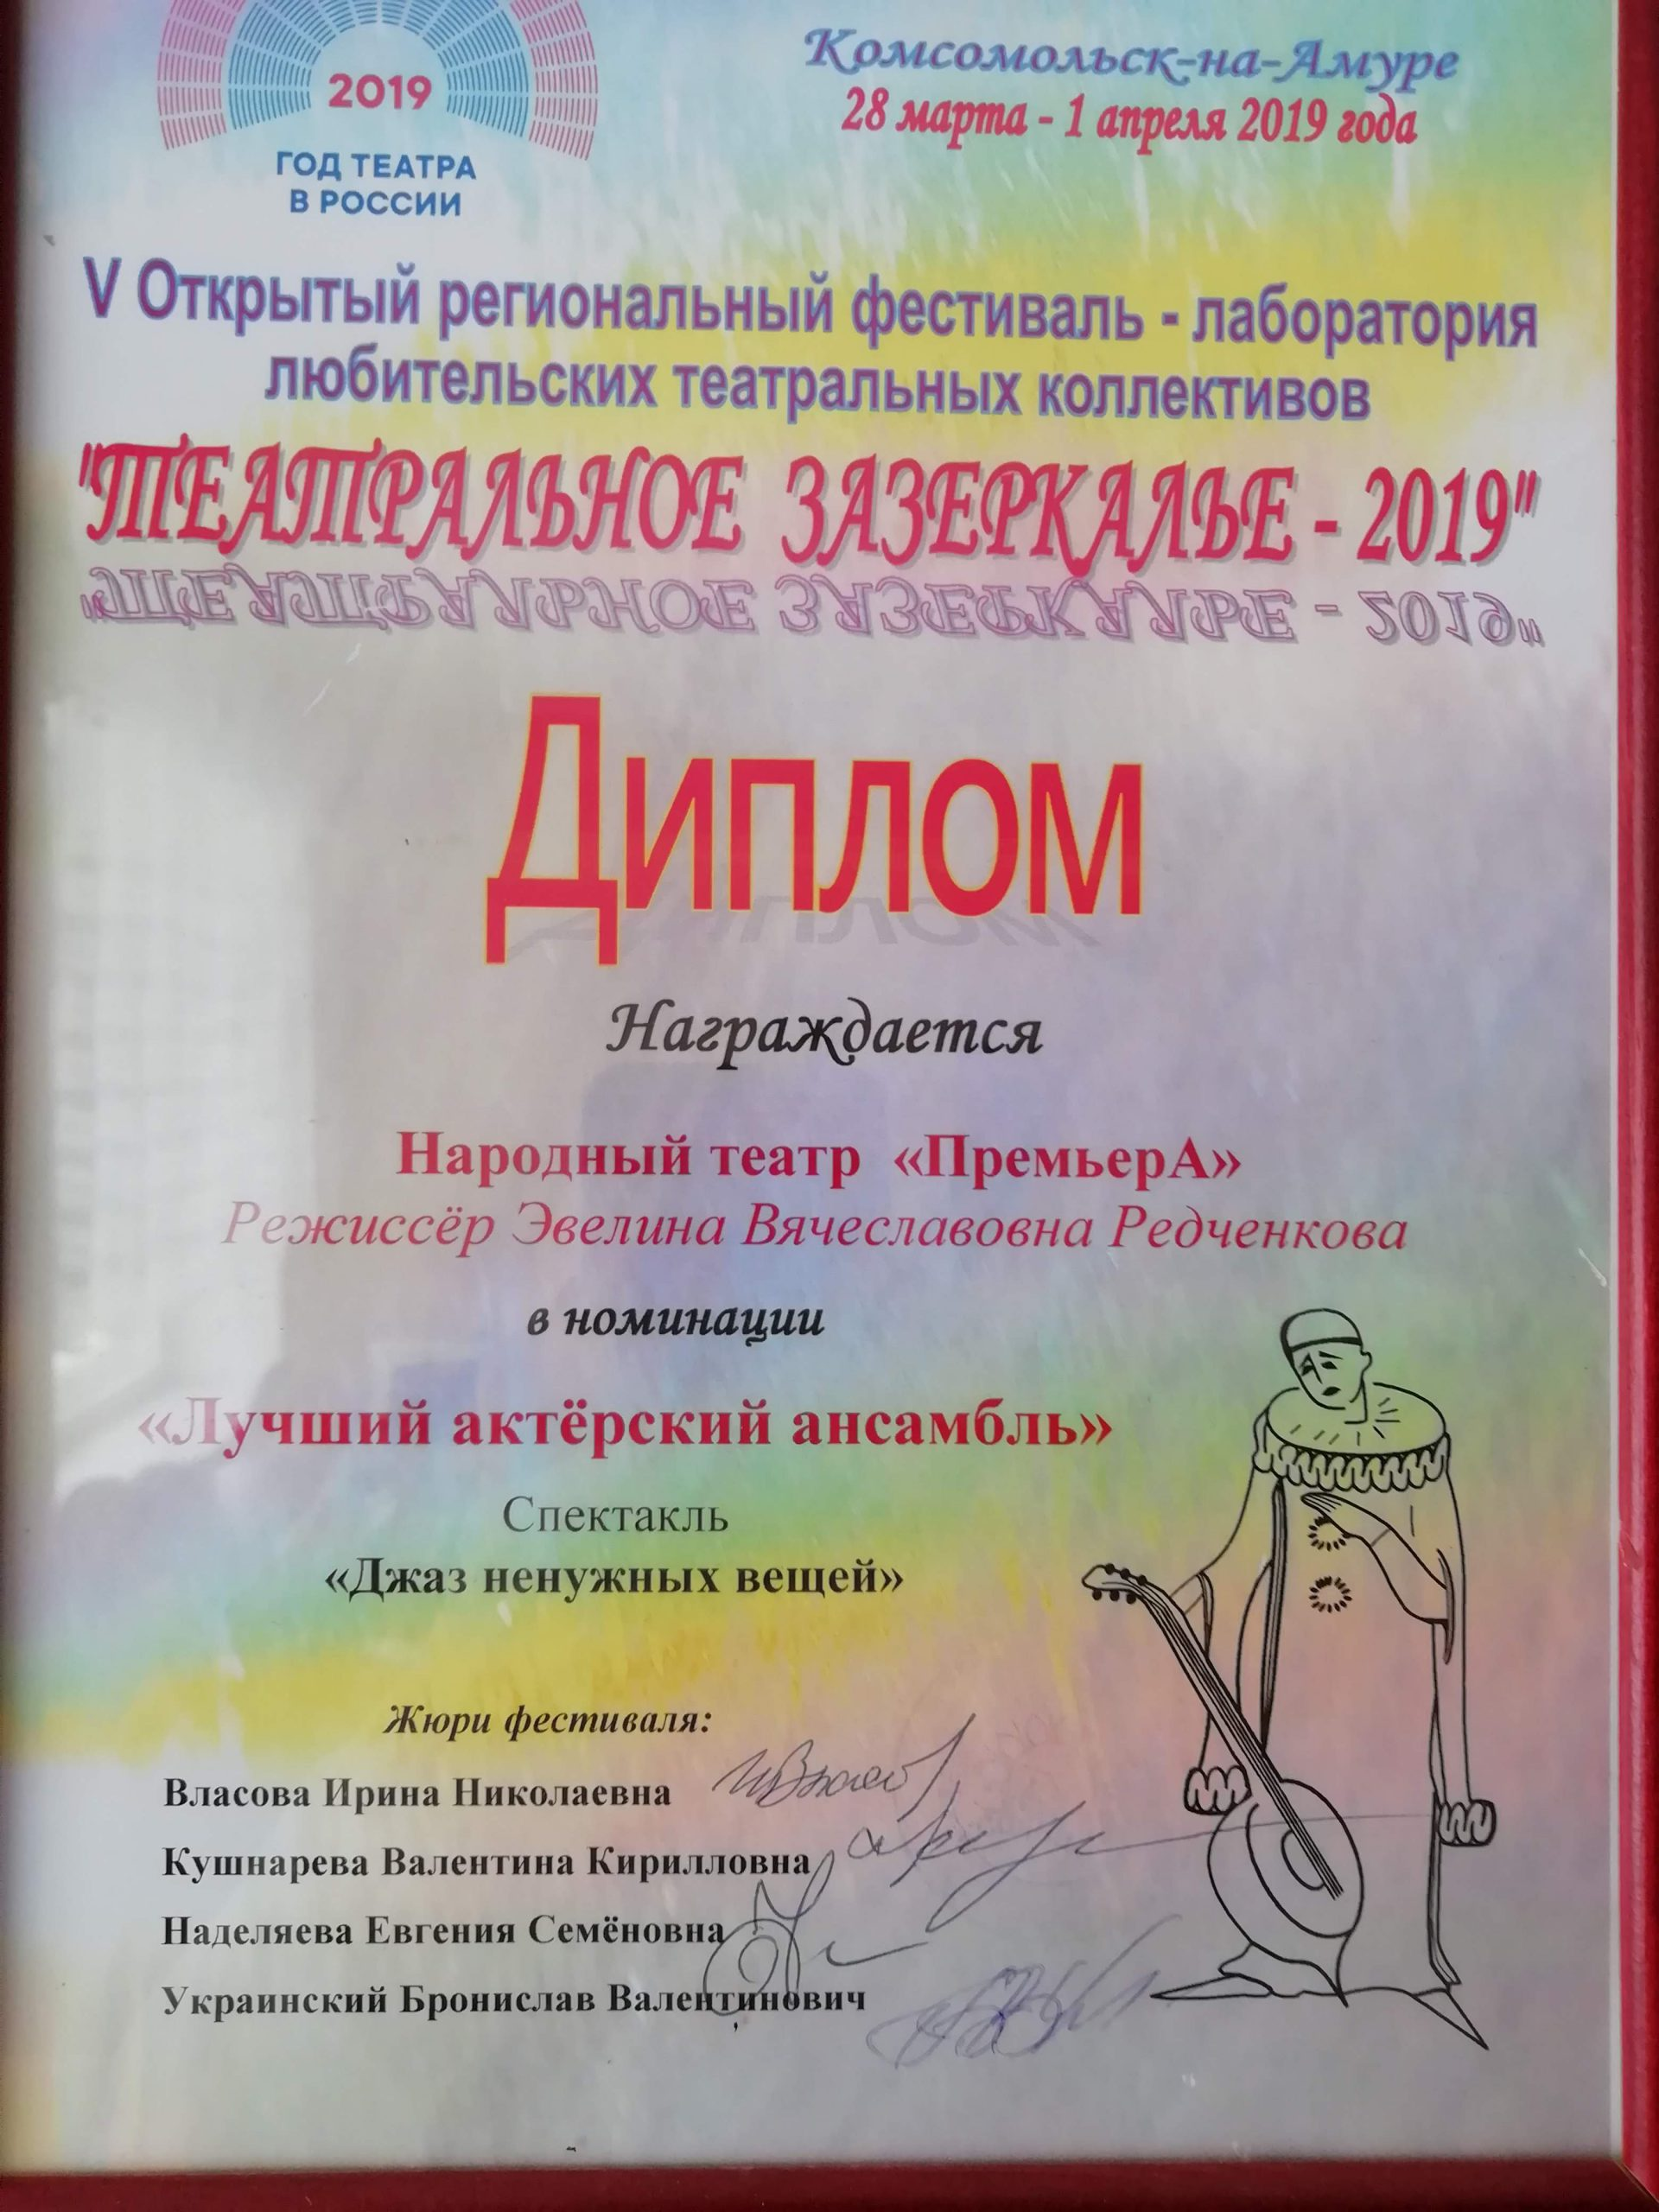 Театральное Зазеркалье 2019